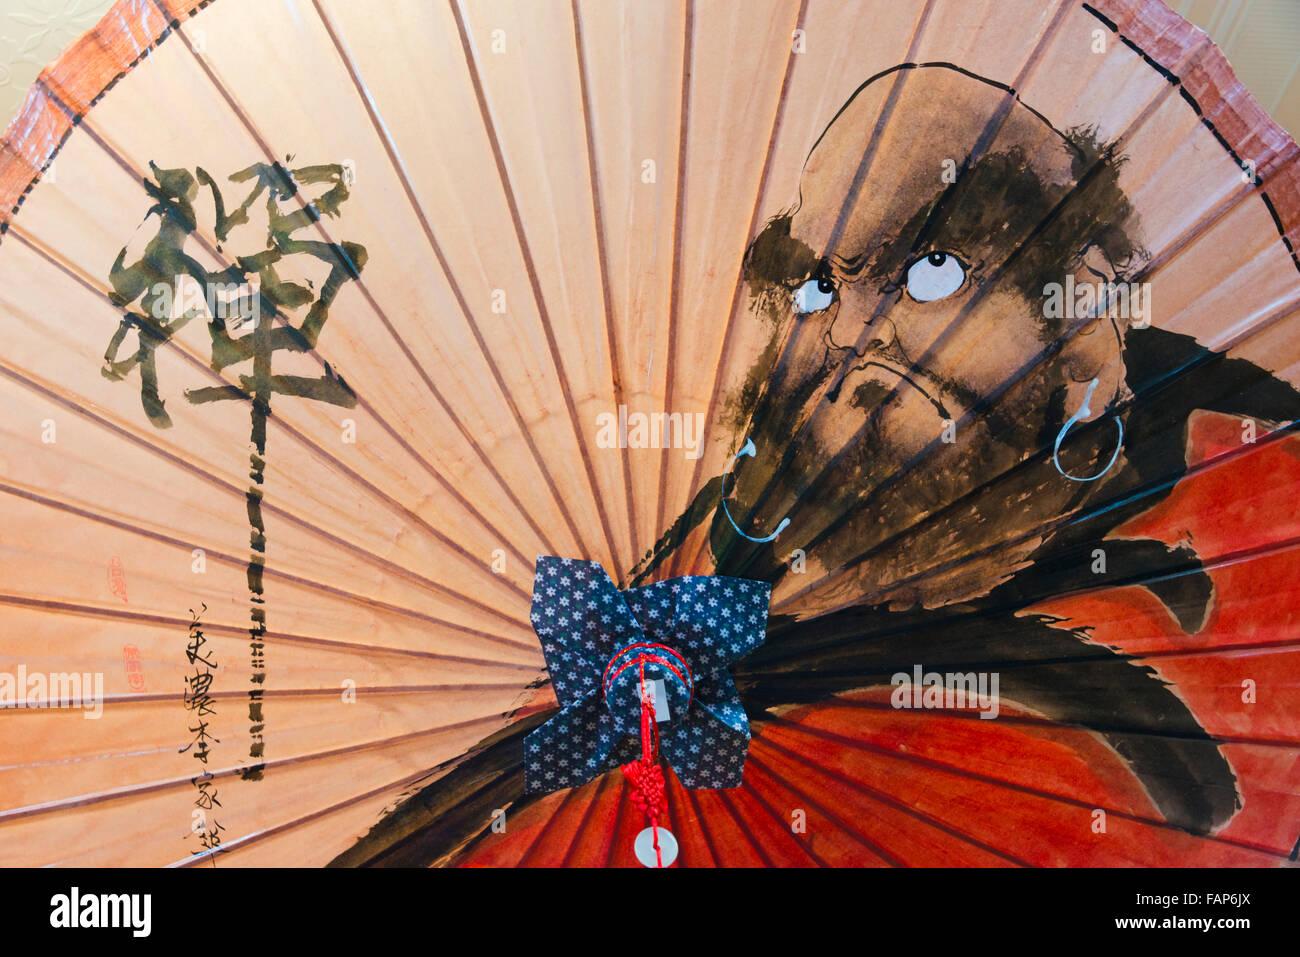 Papier fait à la main un parapluie, Meinong, Taiwan Photo Stock